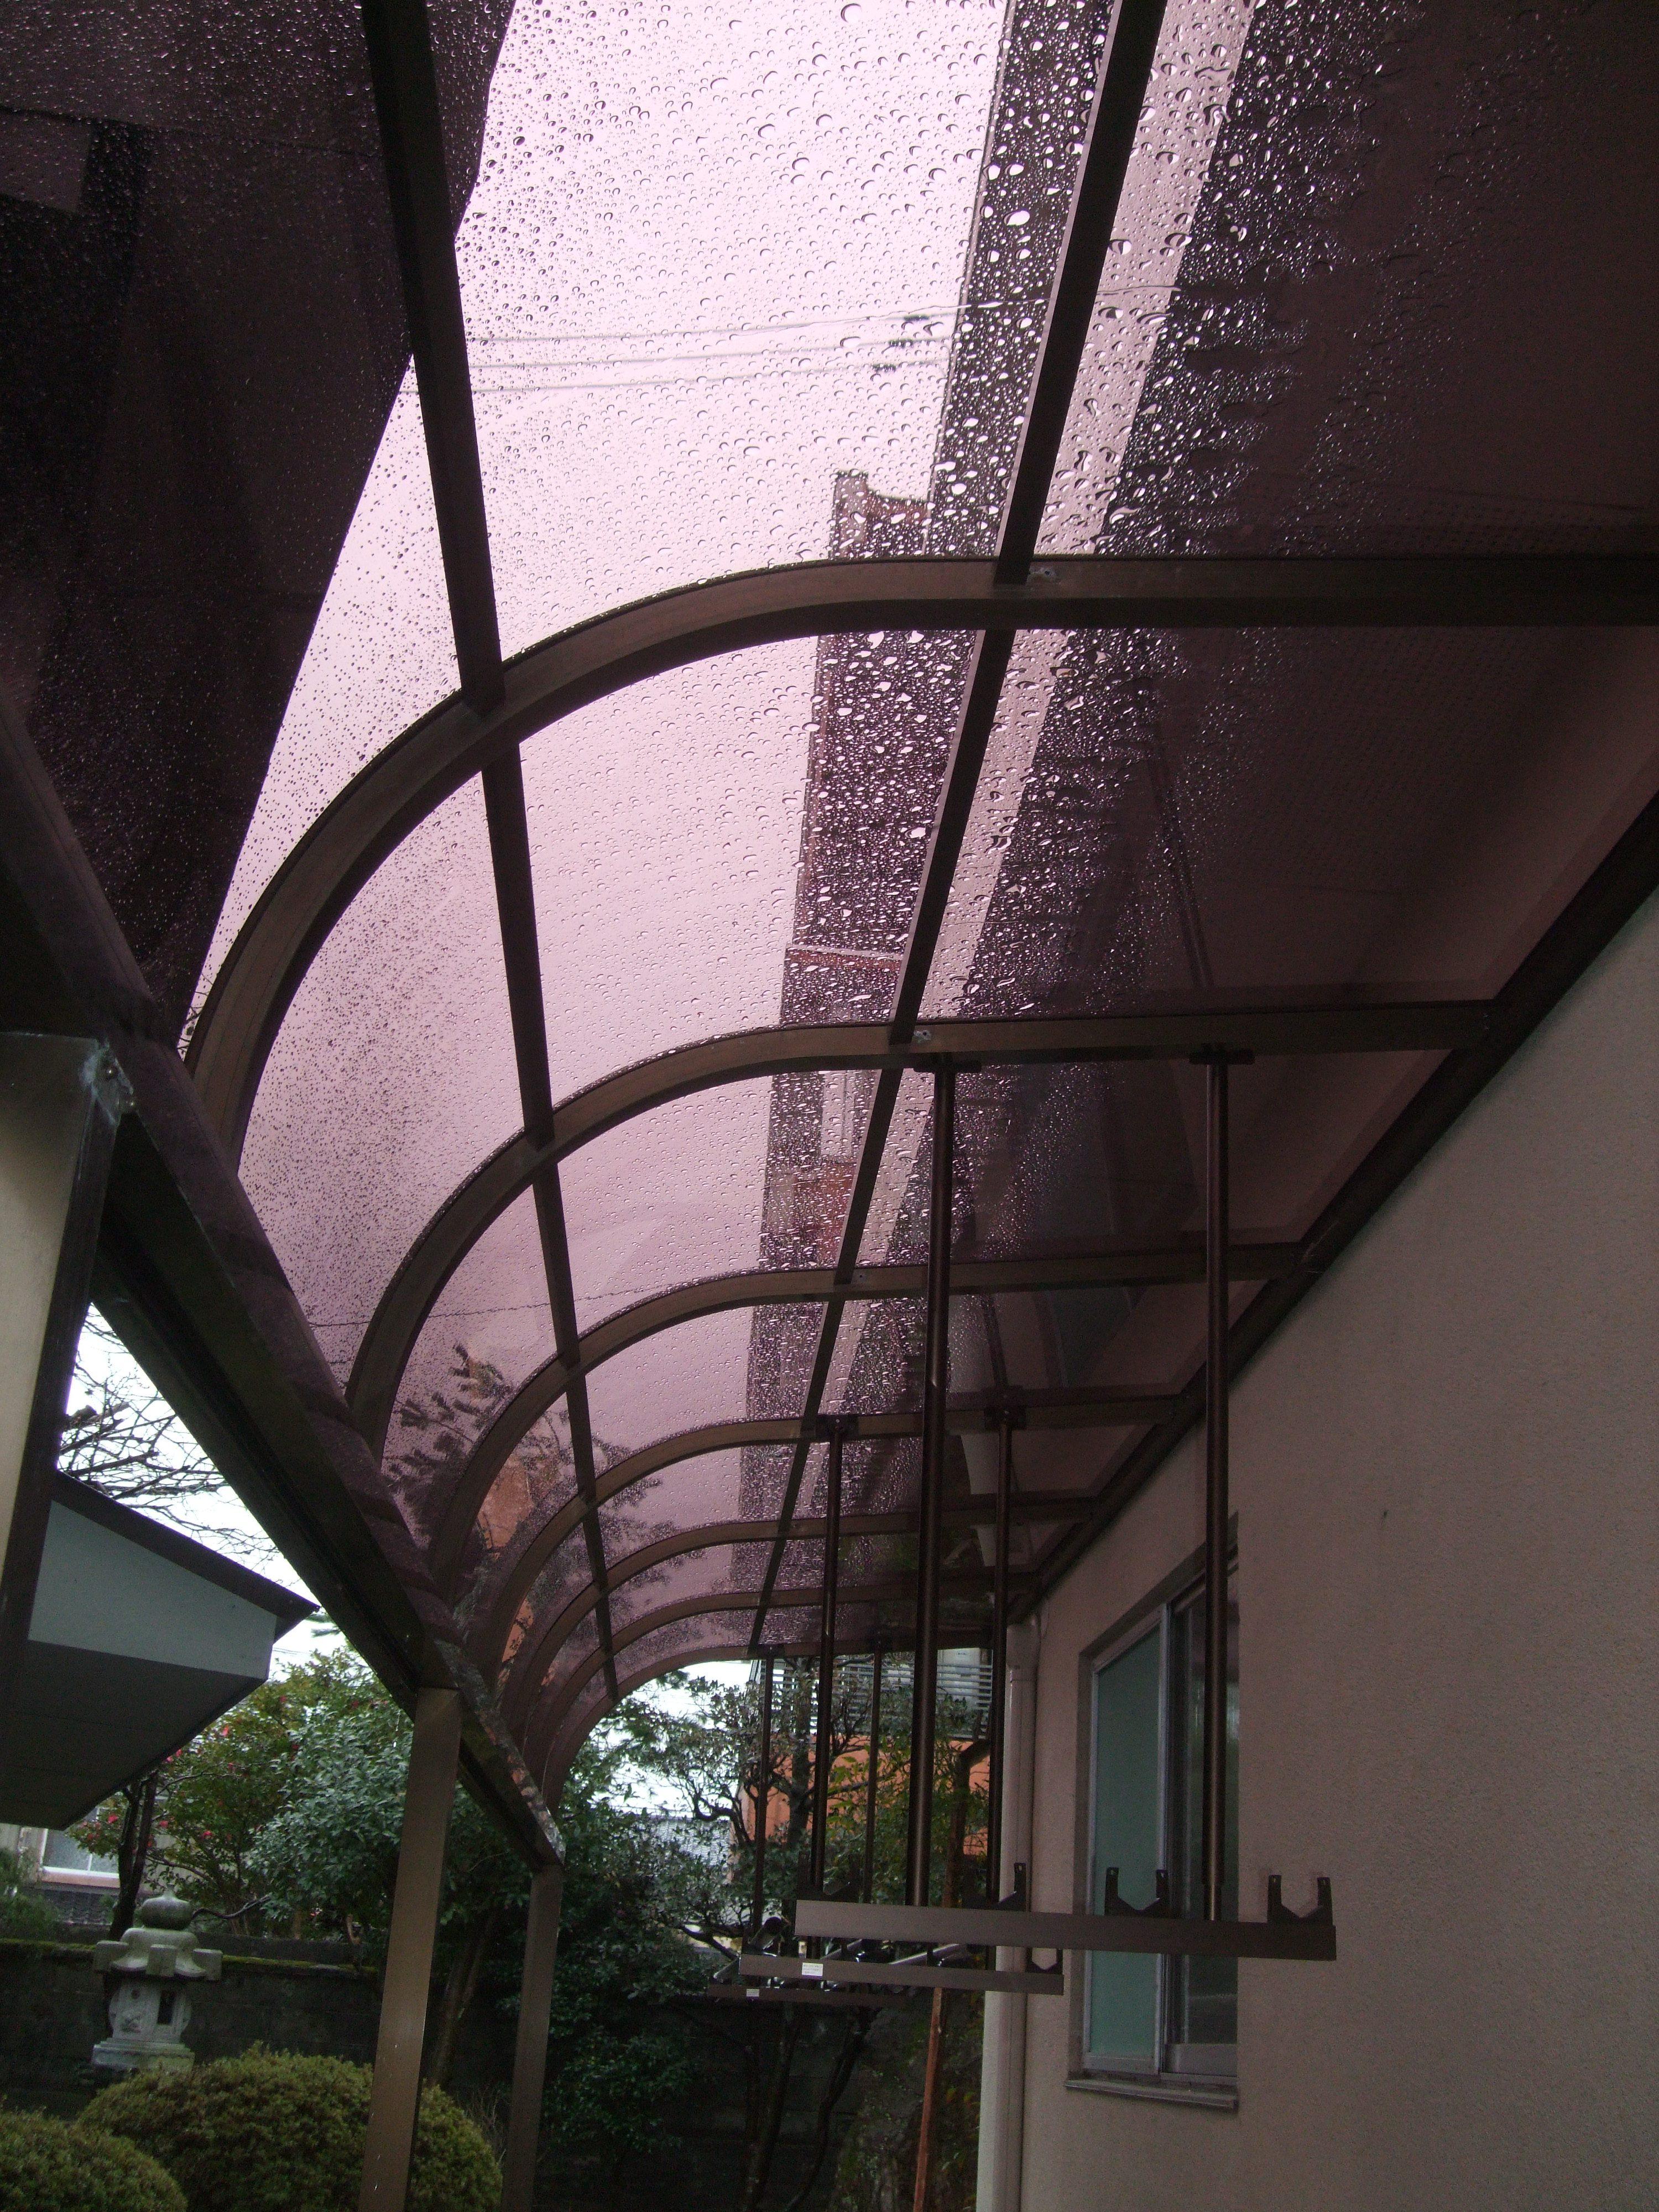 雪害のアルミテラス屋根改修は、火災保険でなおしました